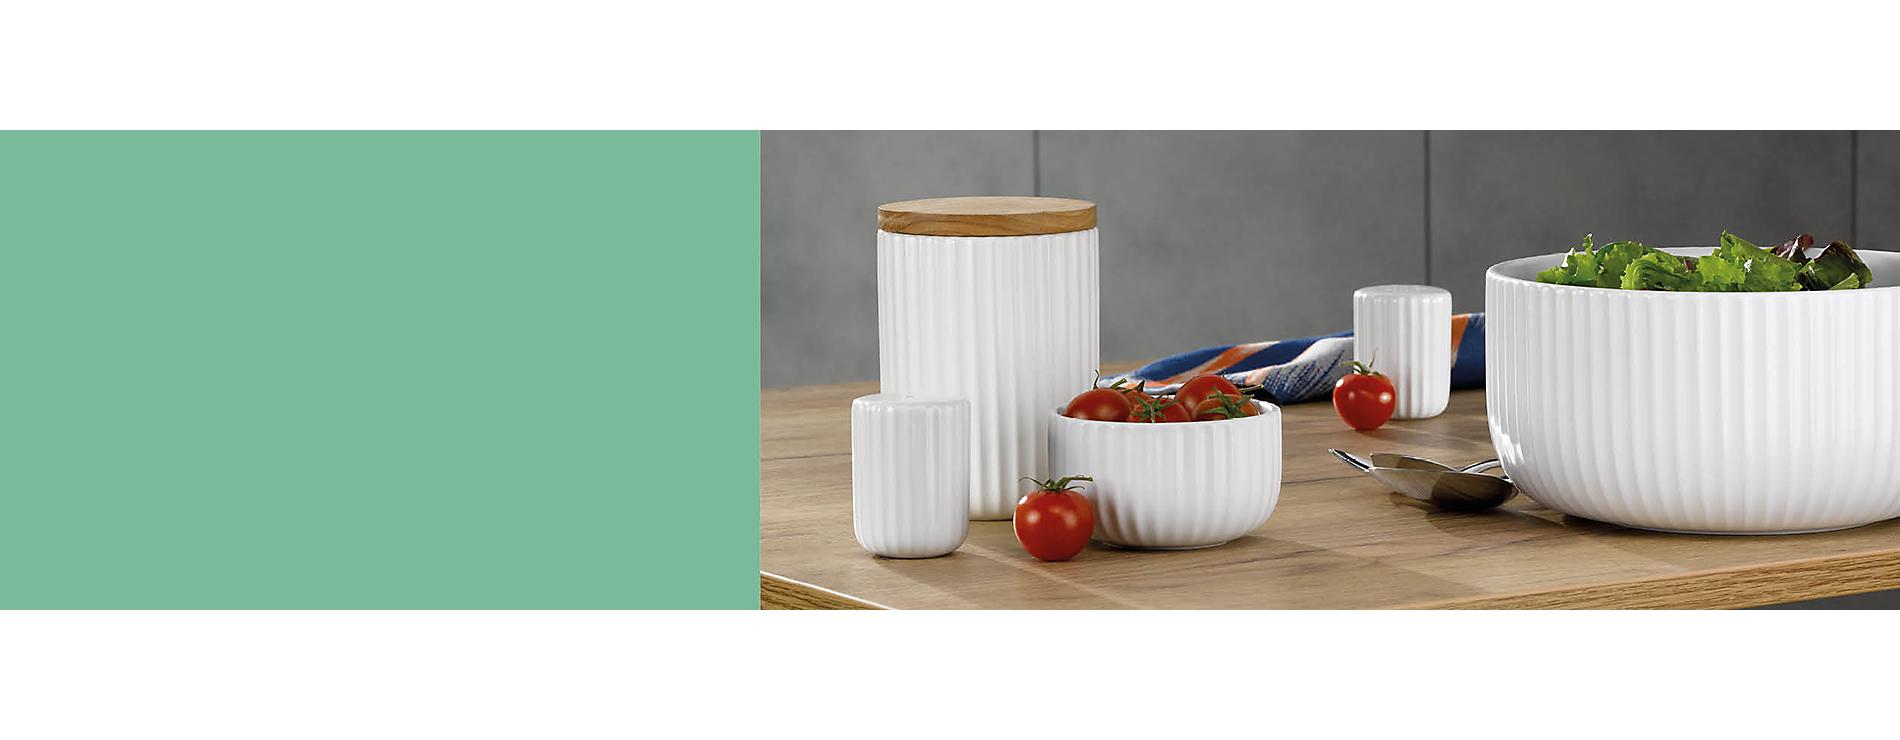 Keramikaccessoires in schönem Weiß